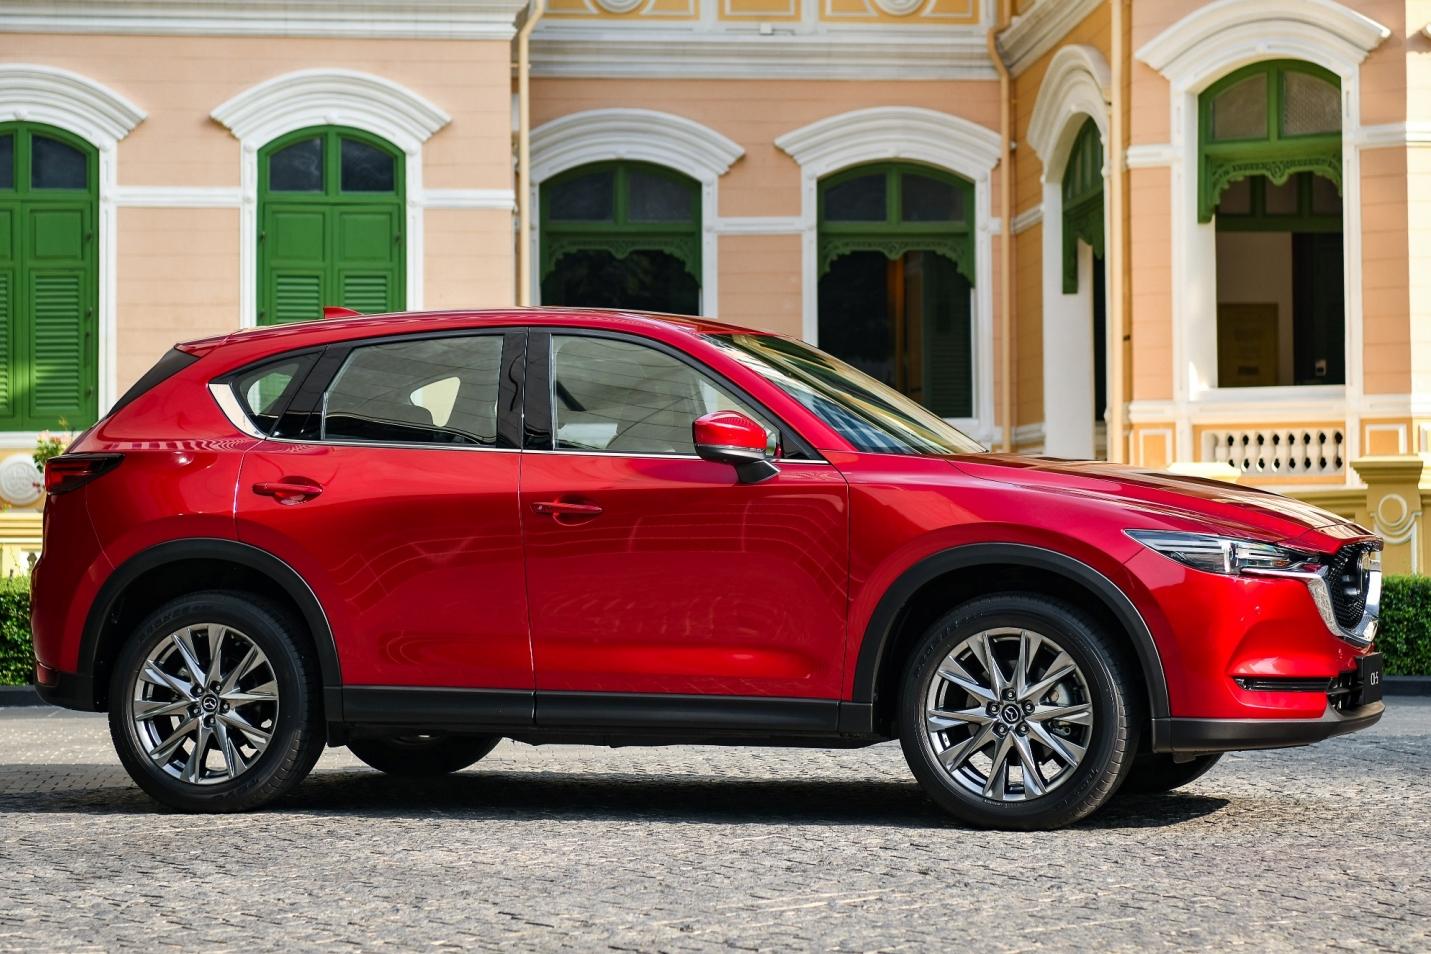 Mazda CX-5 2022 AutoinfoOnline (17)